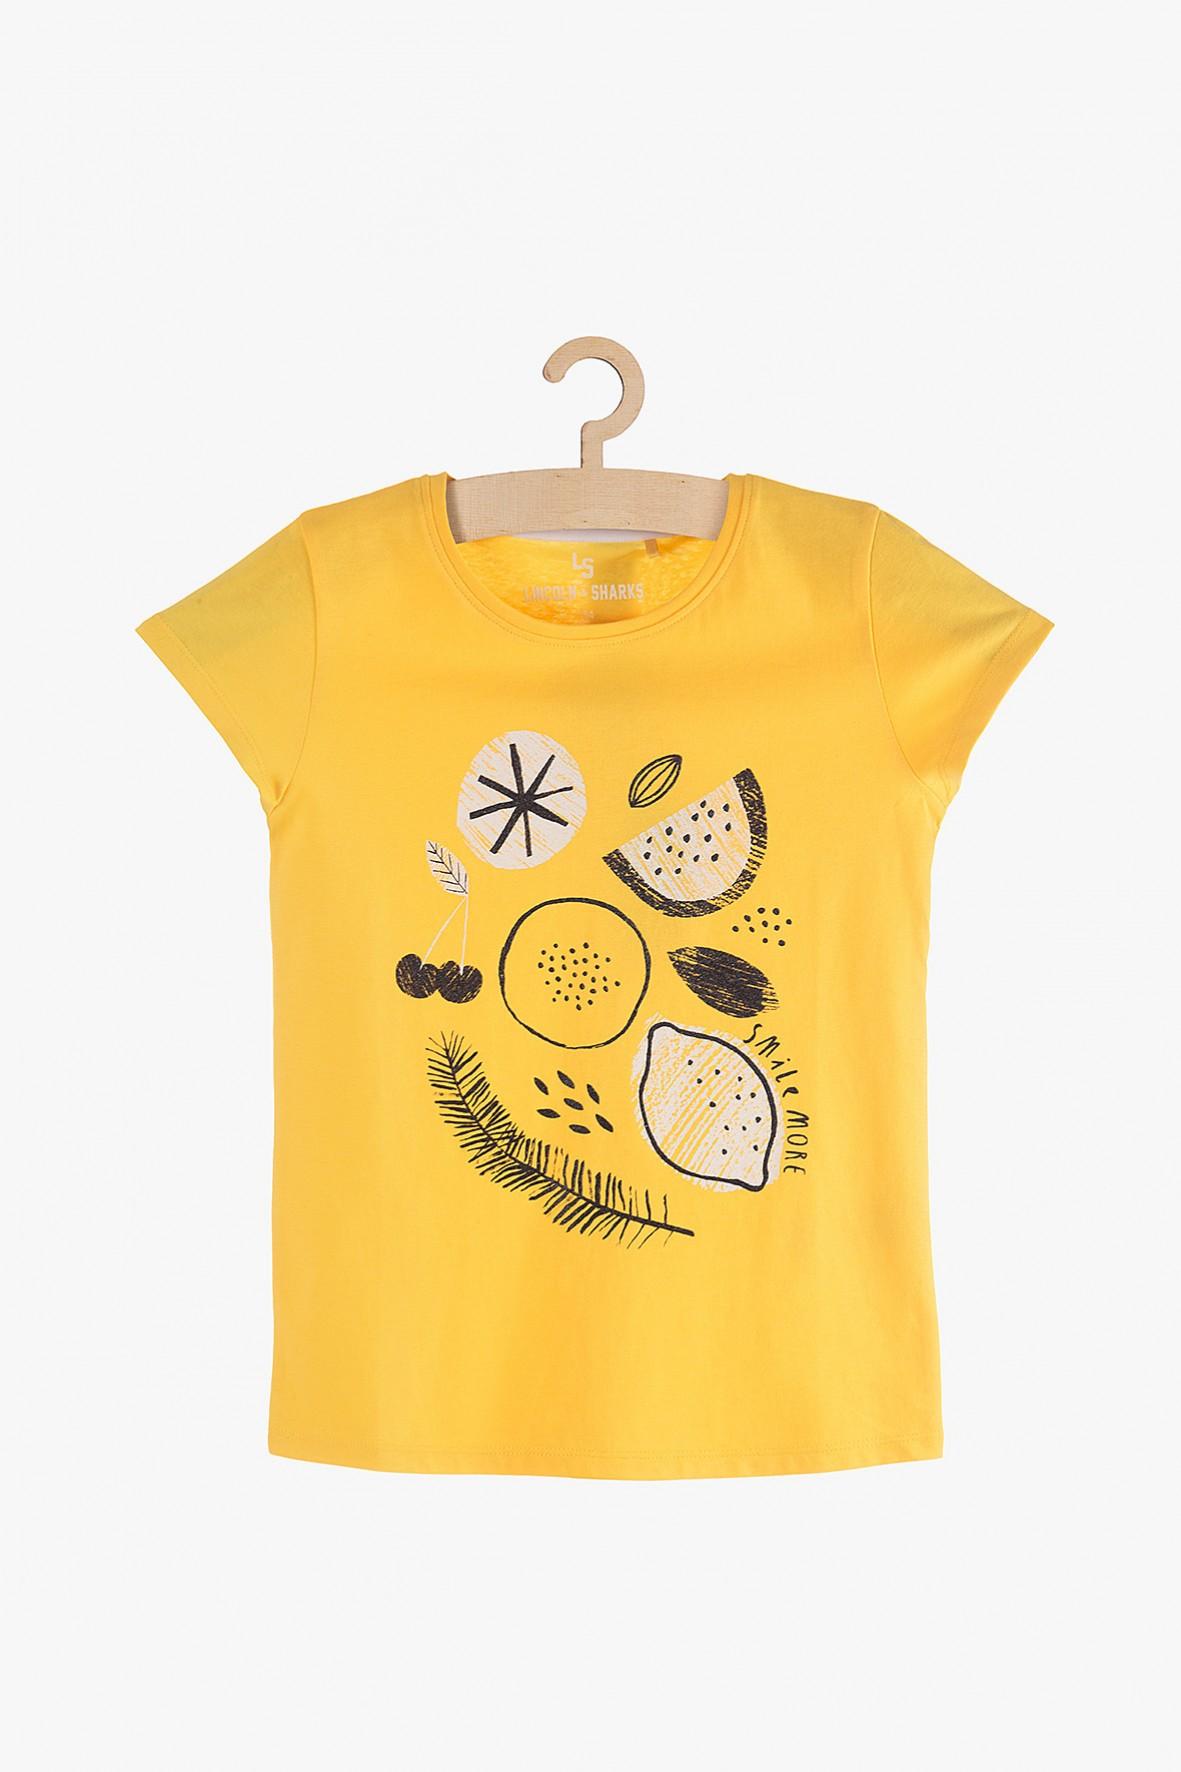 T-Shirt dziewczęcy żółty z cytrynami - 100% bawełna